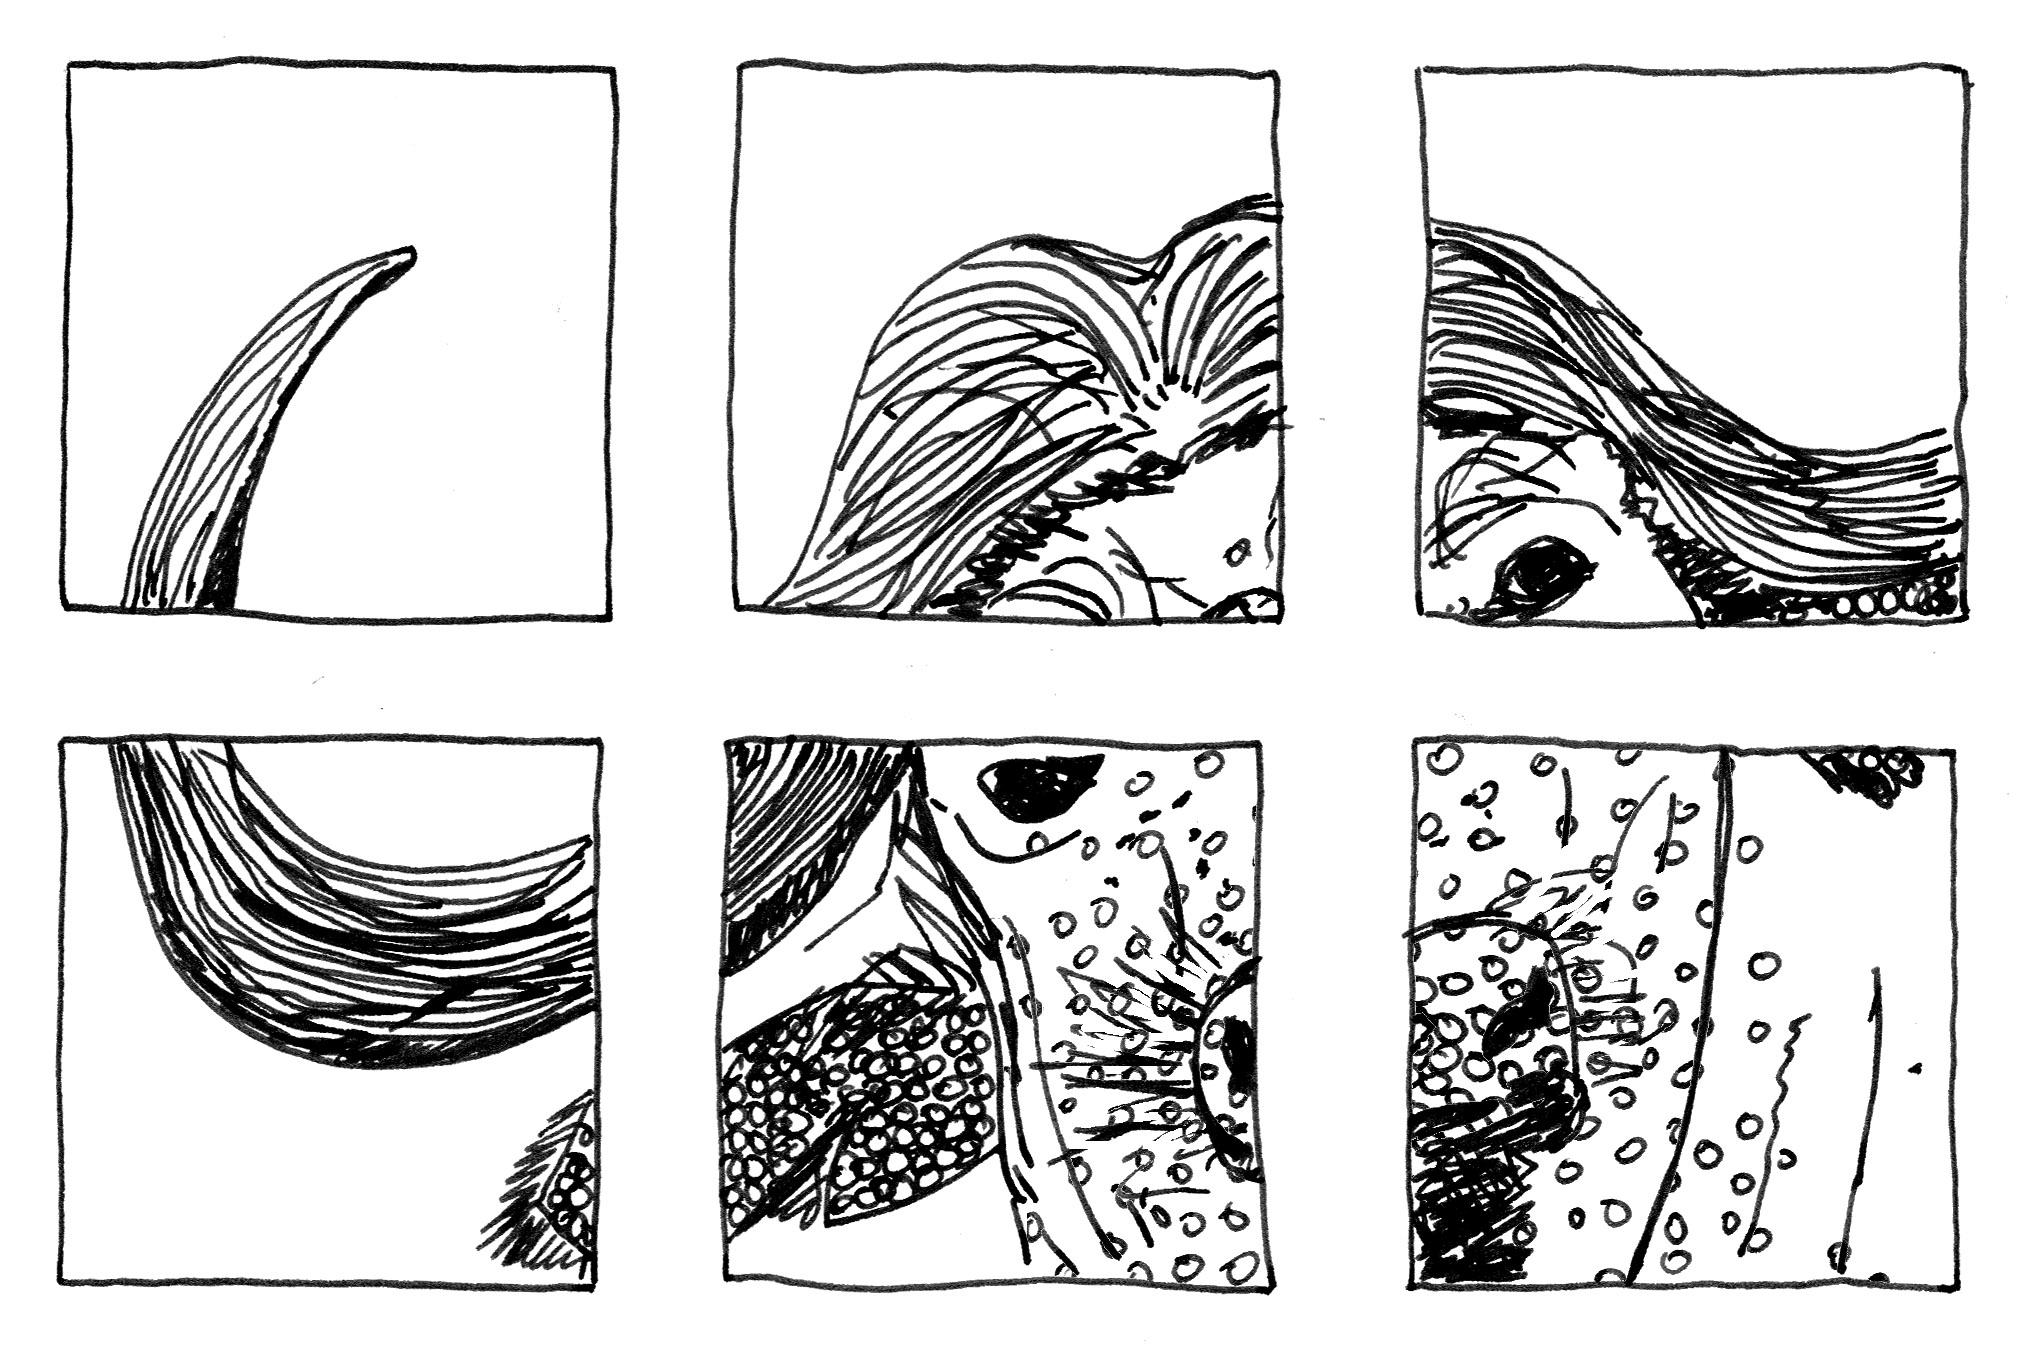 in 6 Panel unterteilte Tintezeichnung von einem Bullen (Tier).